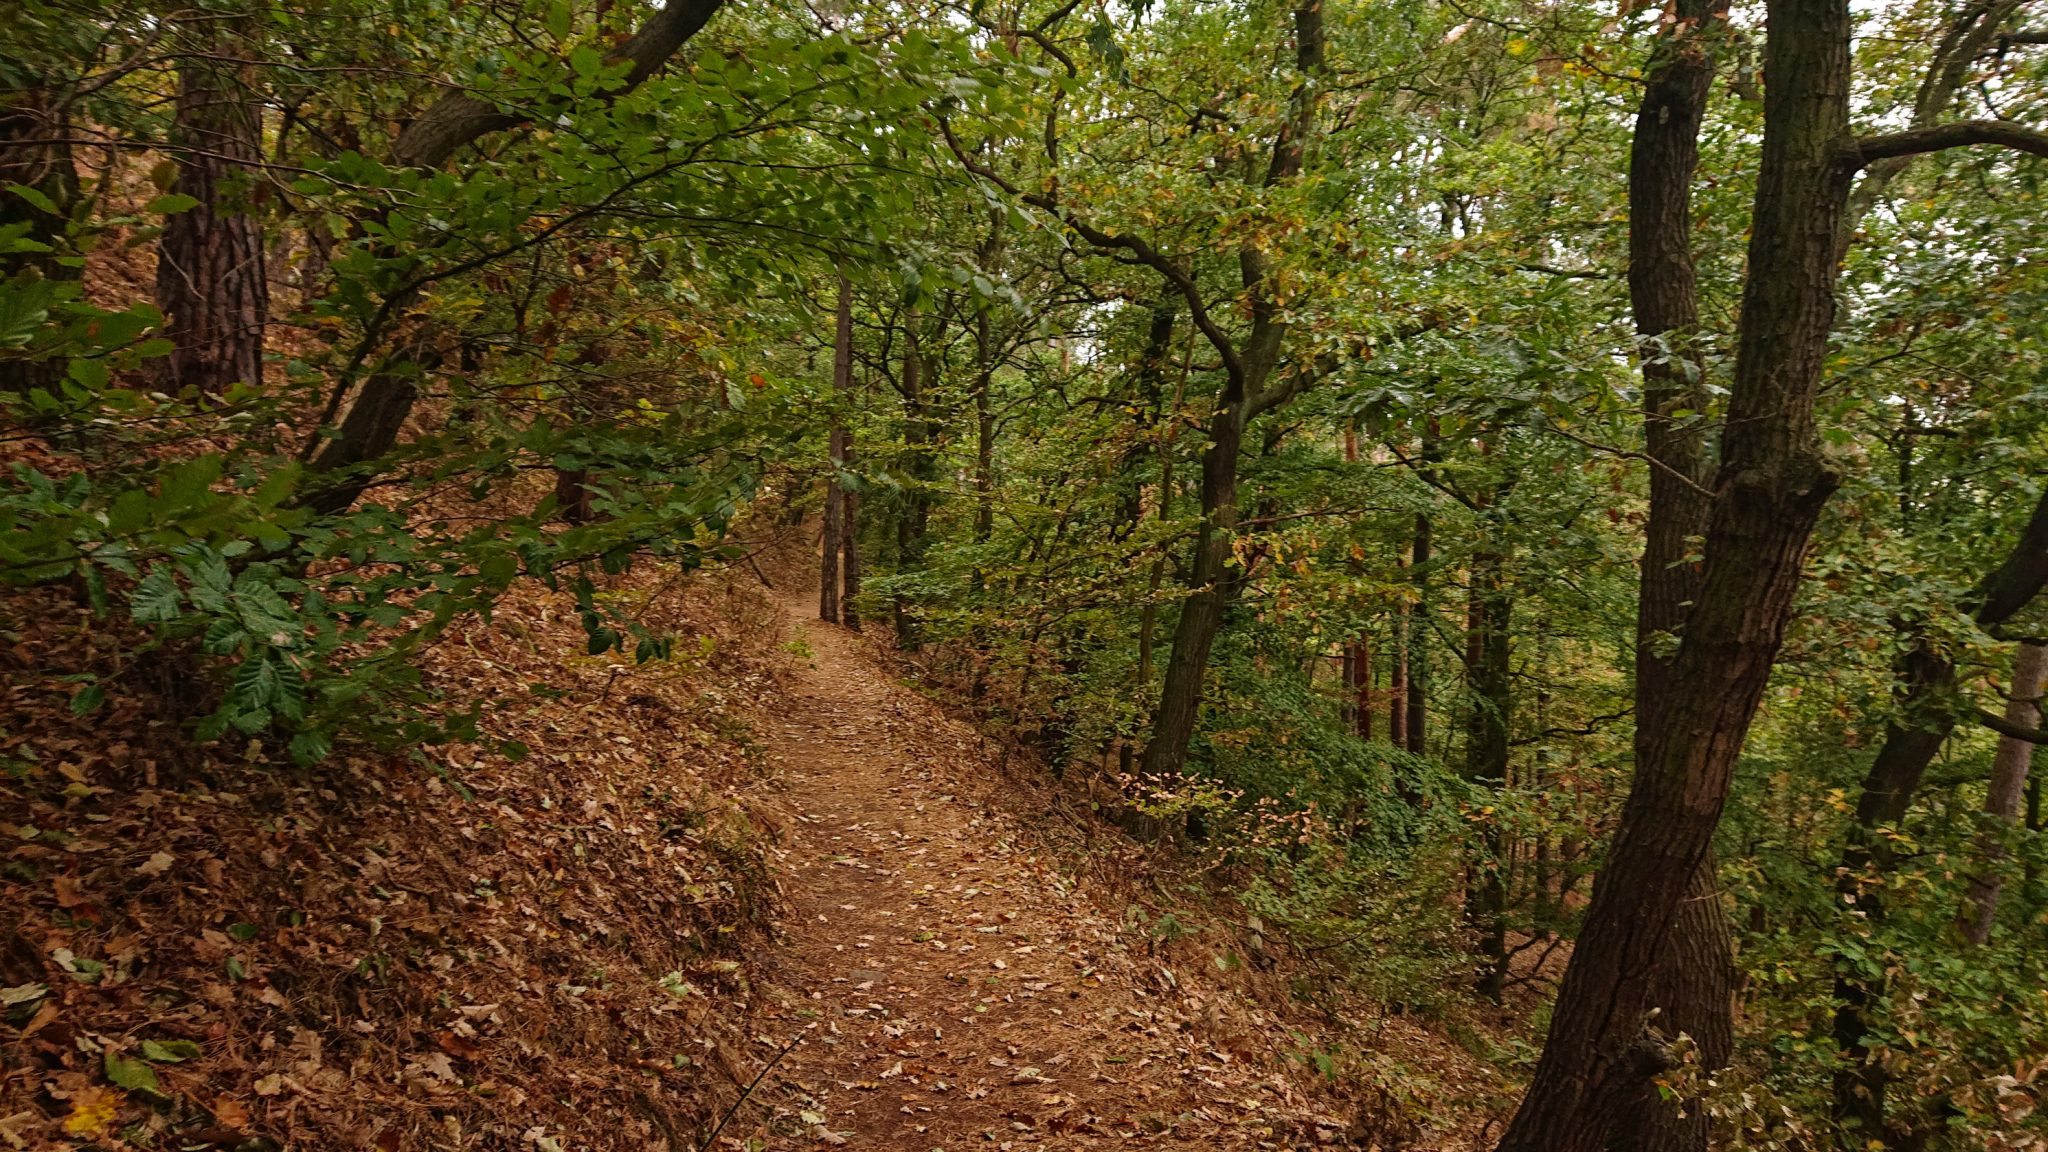 Rundwanderung auf der Blankenburger Teufelsmauer, Wanderweg über den Nordhang durch schönen, dichten Buchenwald, schmaler Wanderpfad